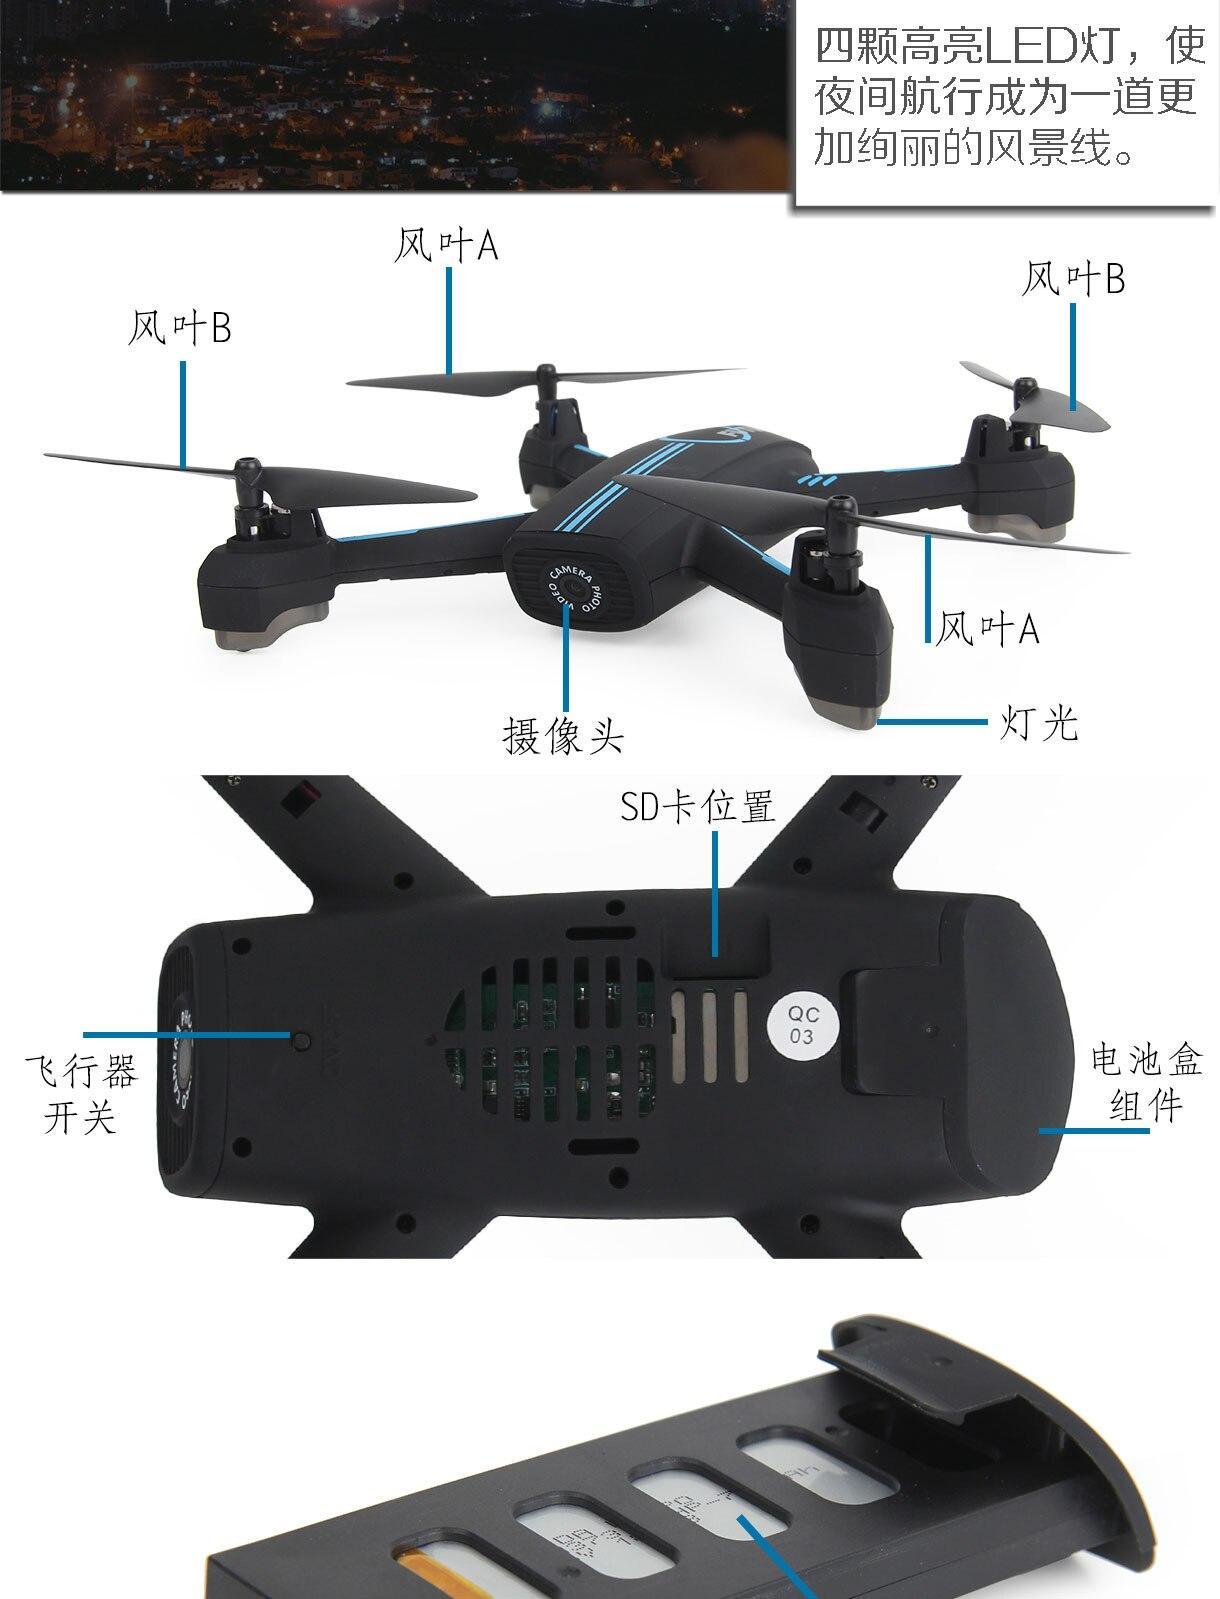 WIFI FPV RC Drone GPS Mijnbouw Punt Drone 528 RC Quadcopter Full HD 720P Camera een sleutel opstijgen /landing/stop Stabiele Vlucht - 6